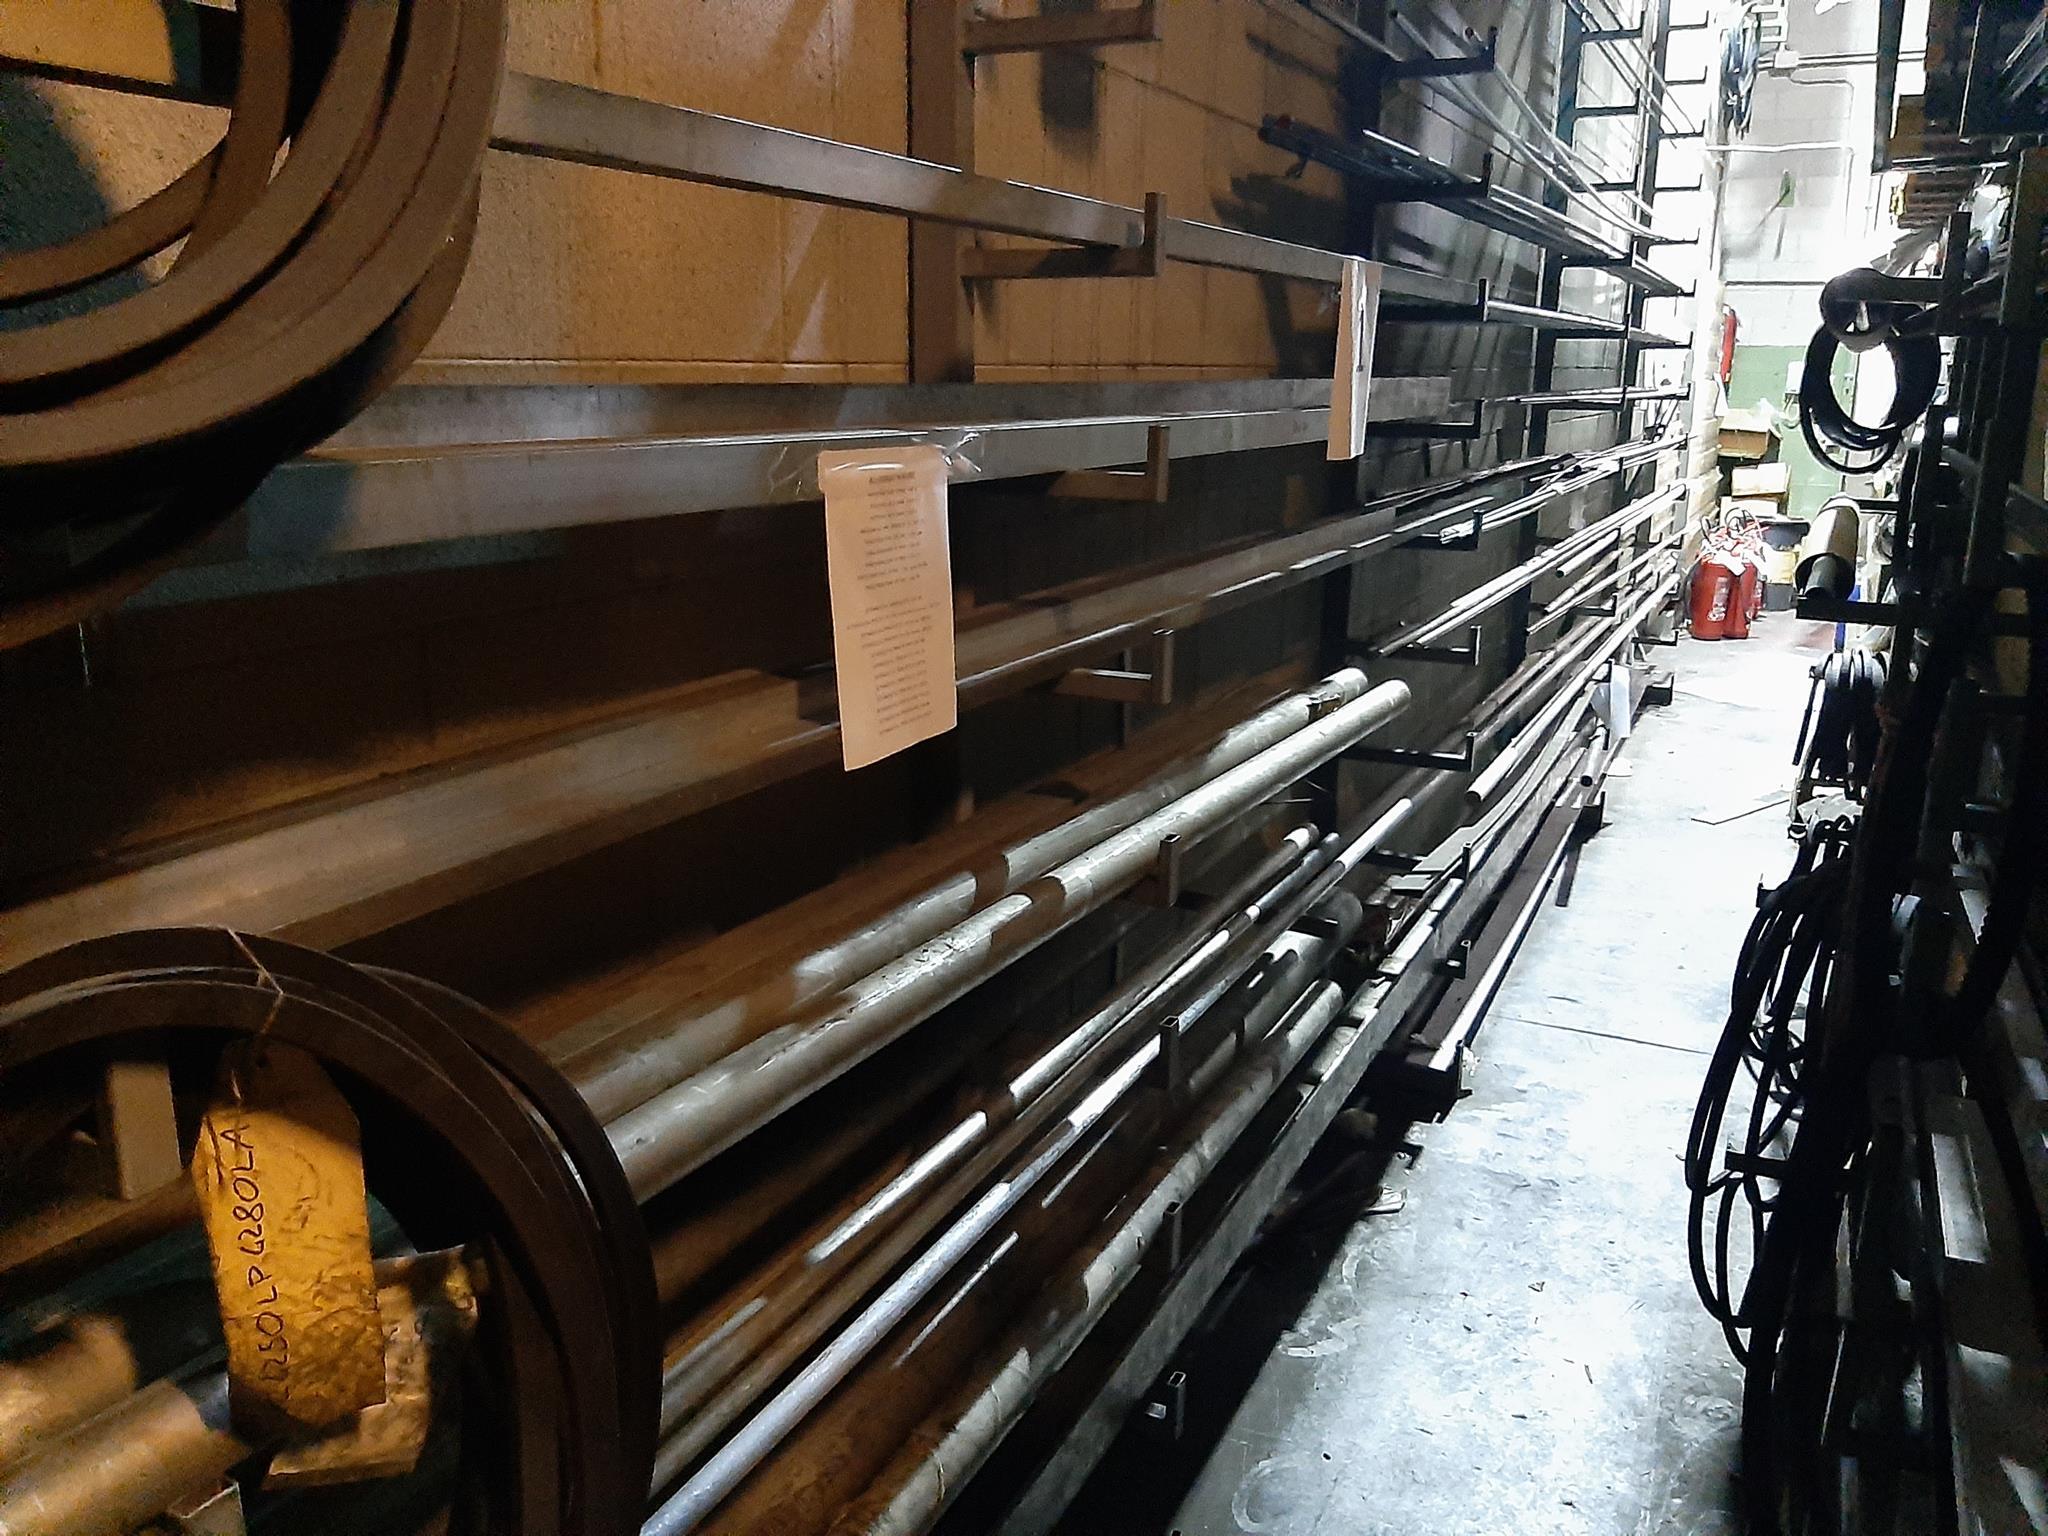 Magazzino componenti meccanici e oleodinamici in vendita - foto 8